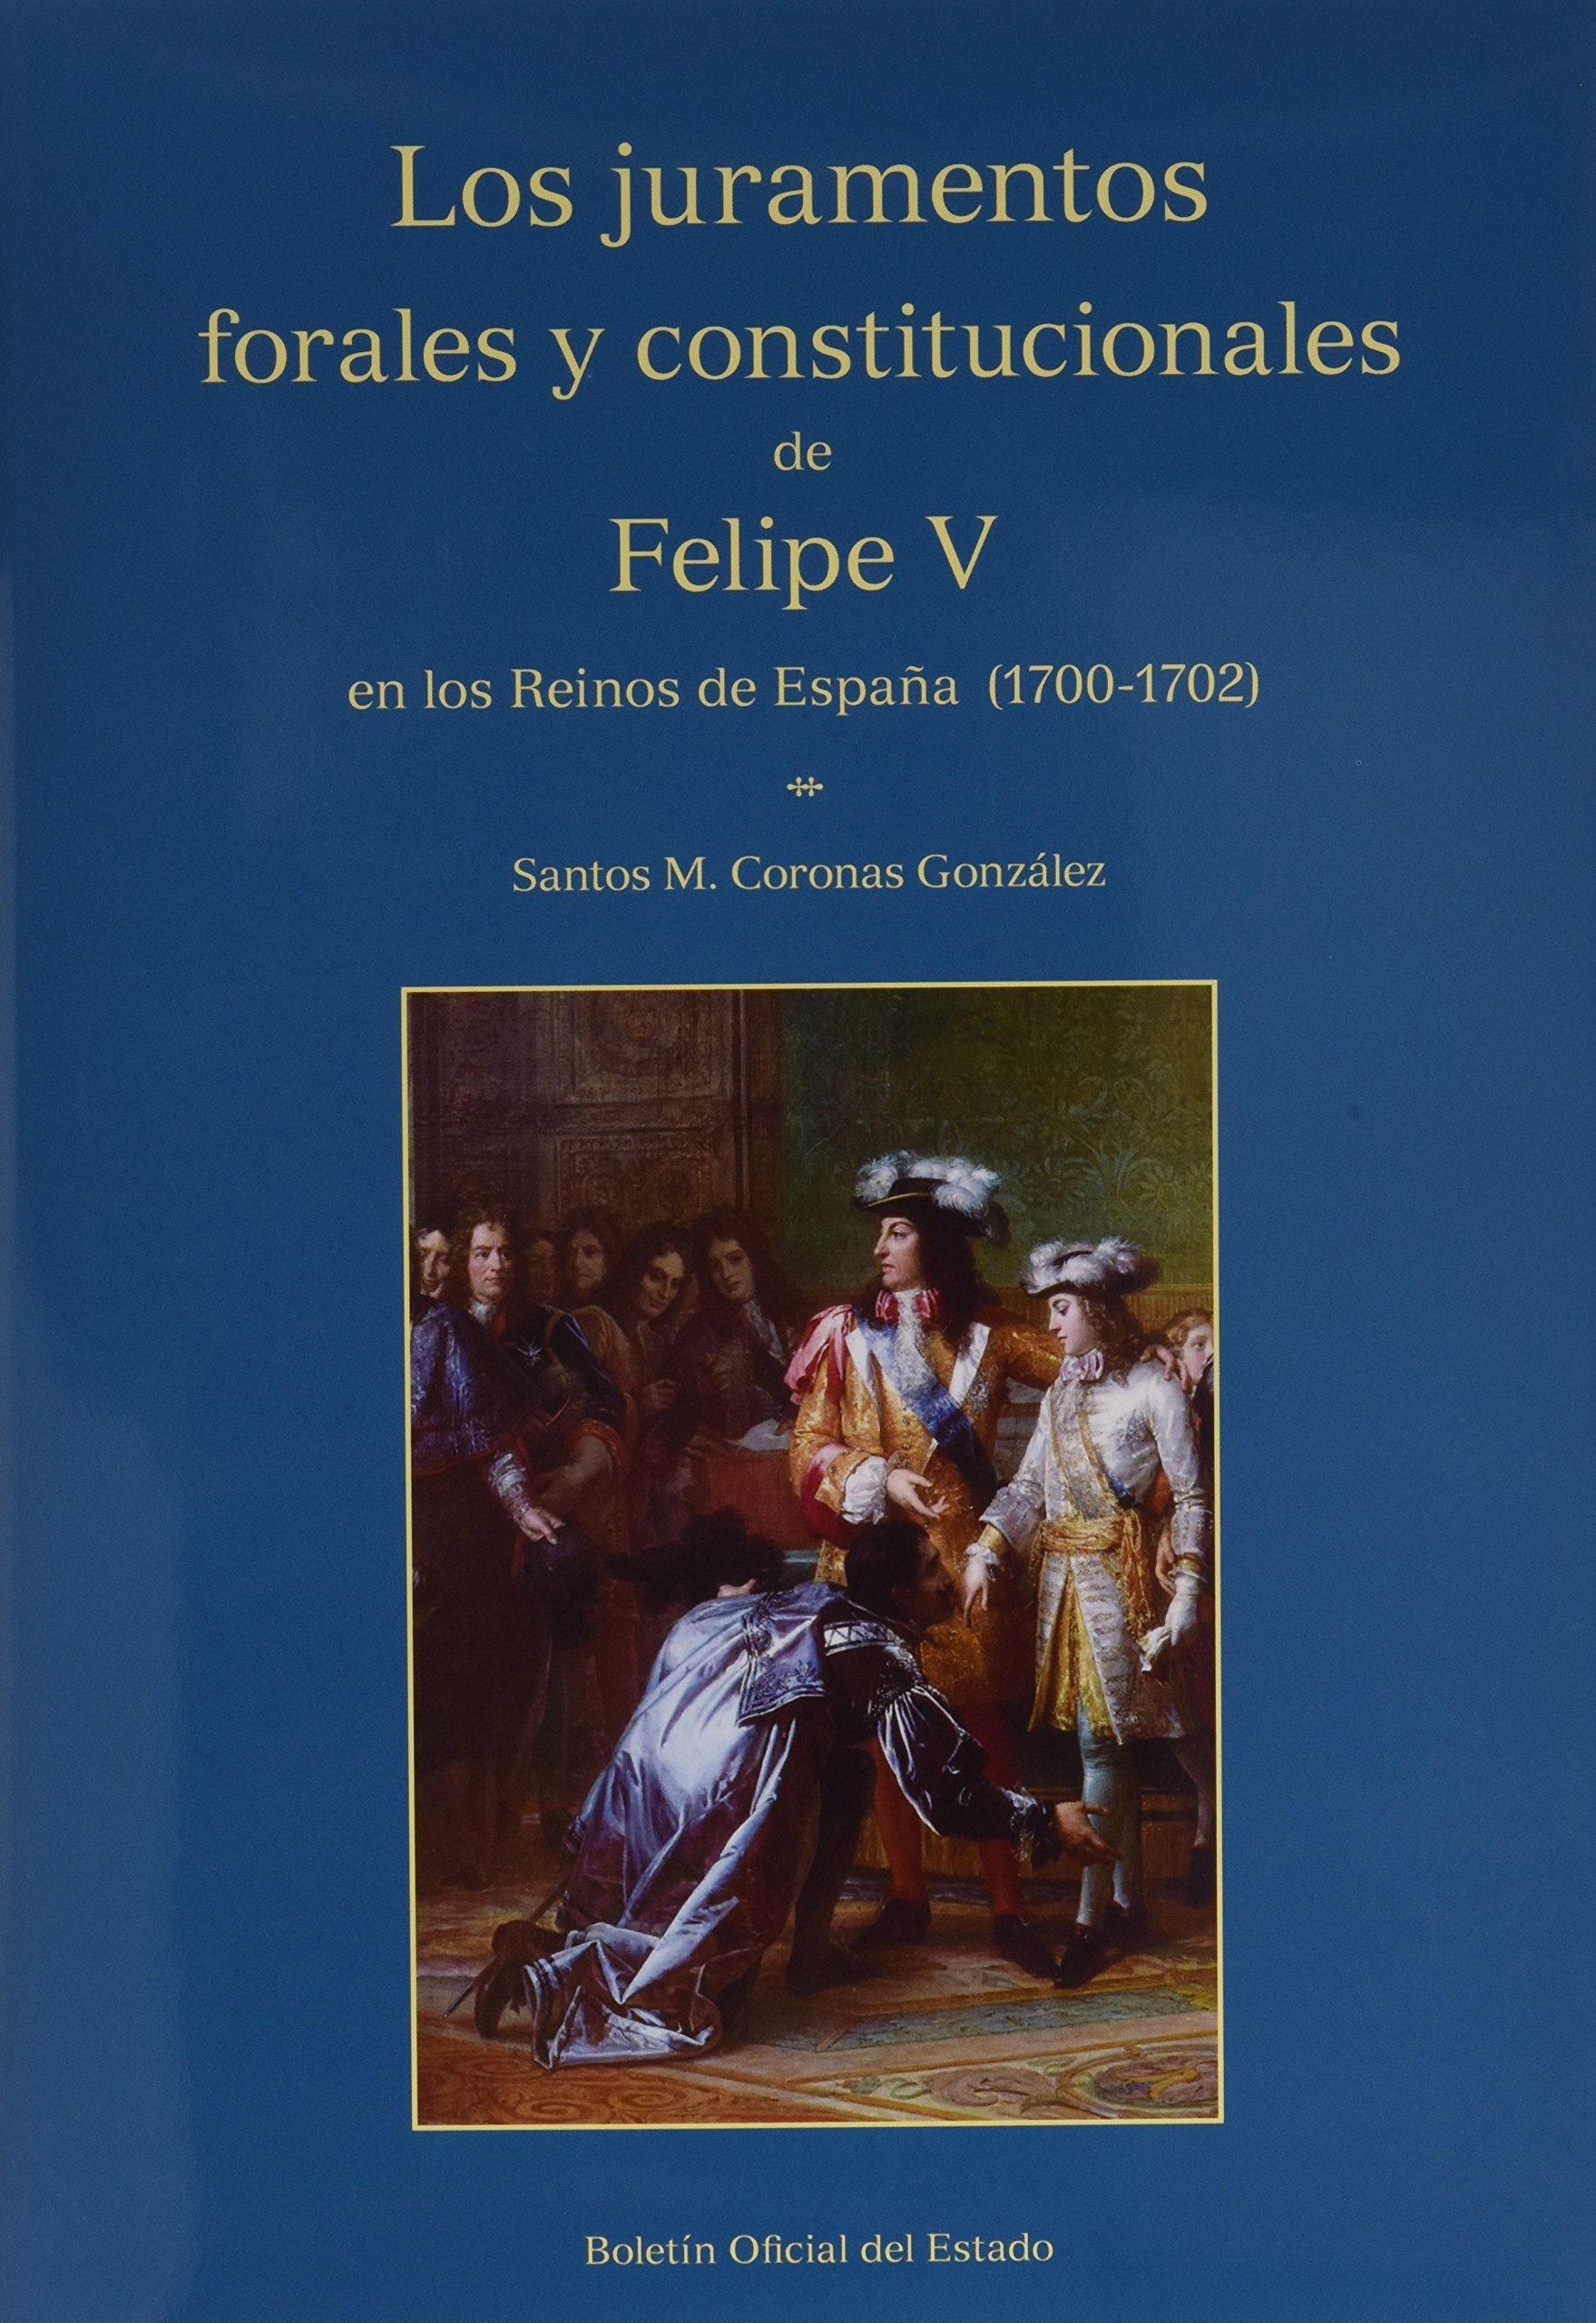 Los juramentos forales y constitucionales de Felipe V en los reinos de España 1700-1702: Amazon.es: 0000 0000 8169 4120, 0000 0000 8169 4120: Libros